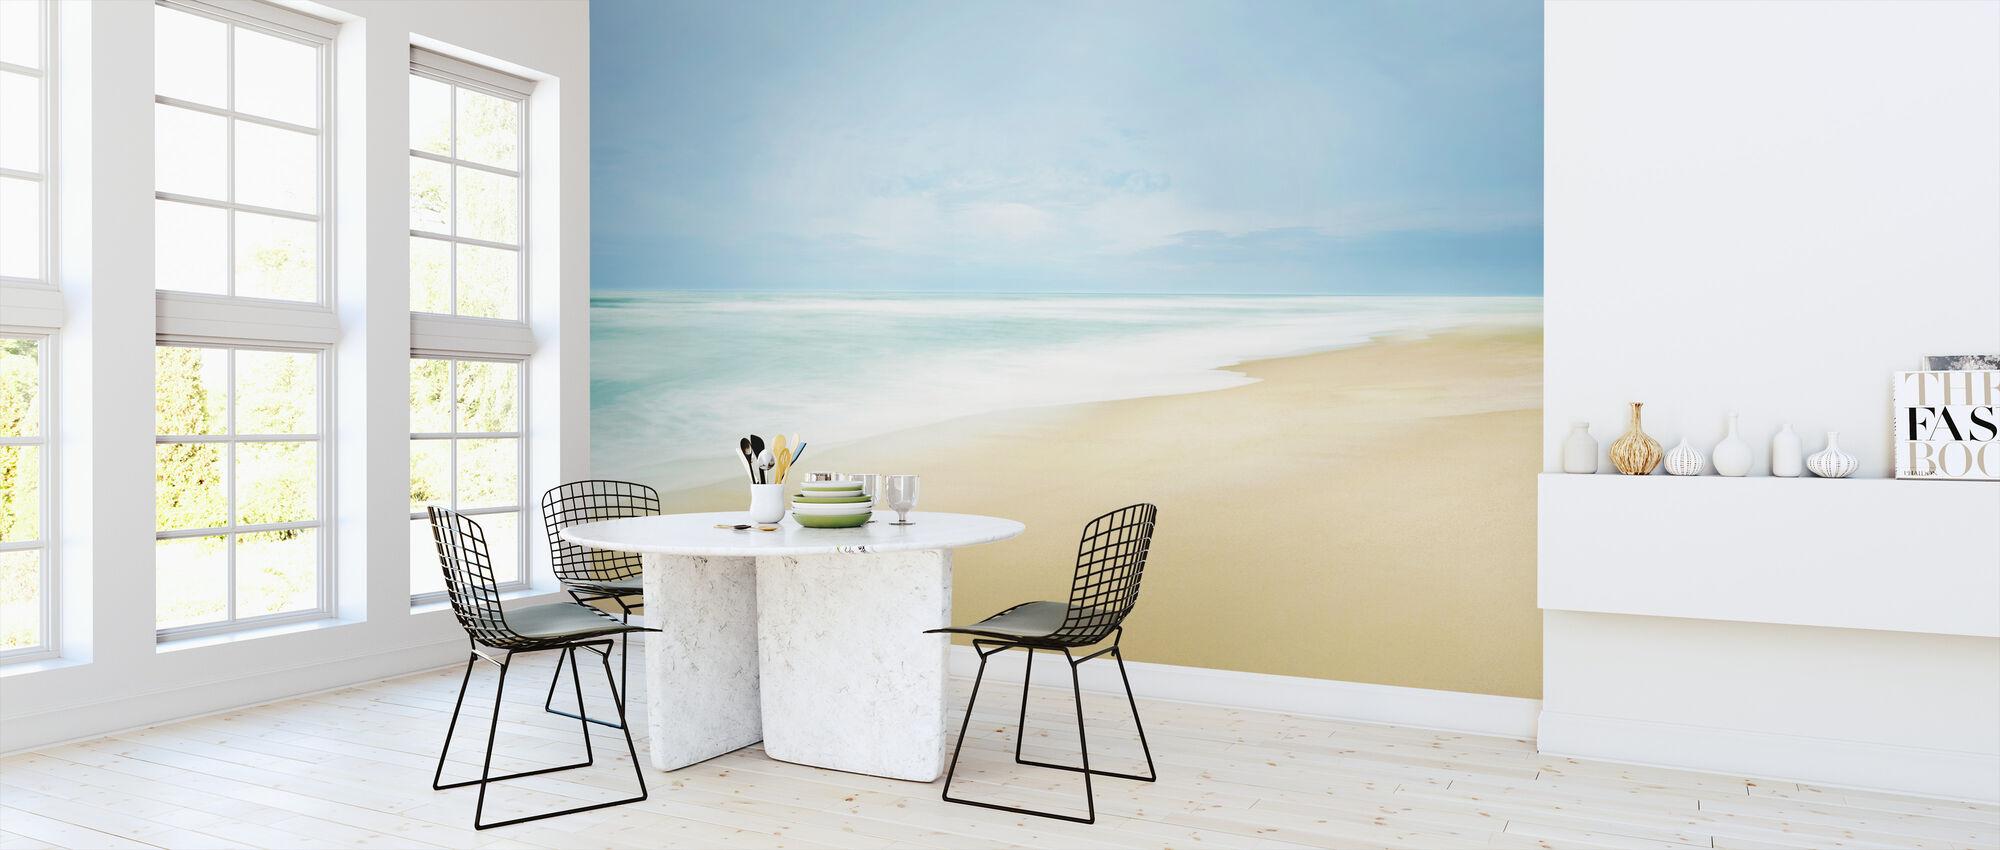 Beachscape Photo - Wallpaper - Kitchen